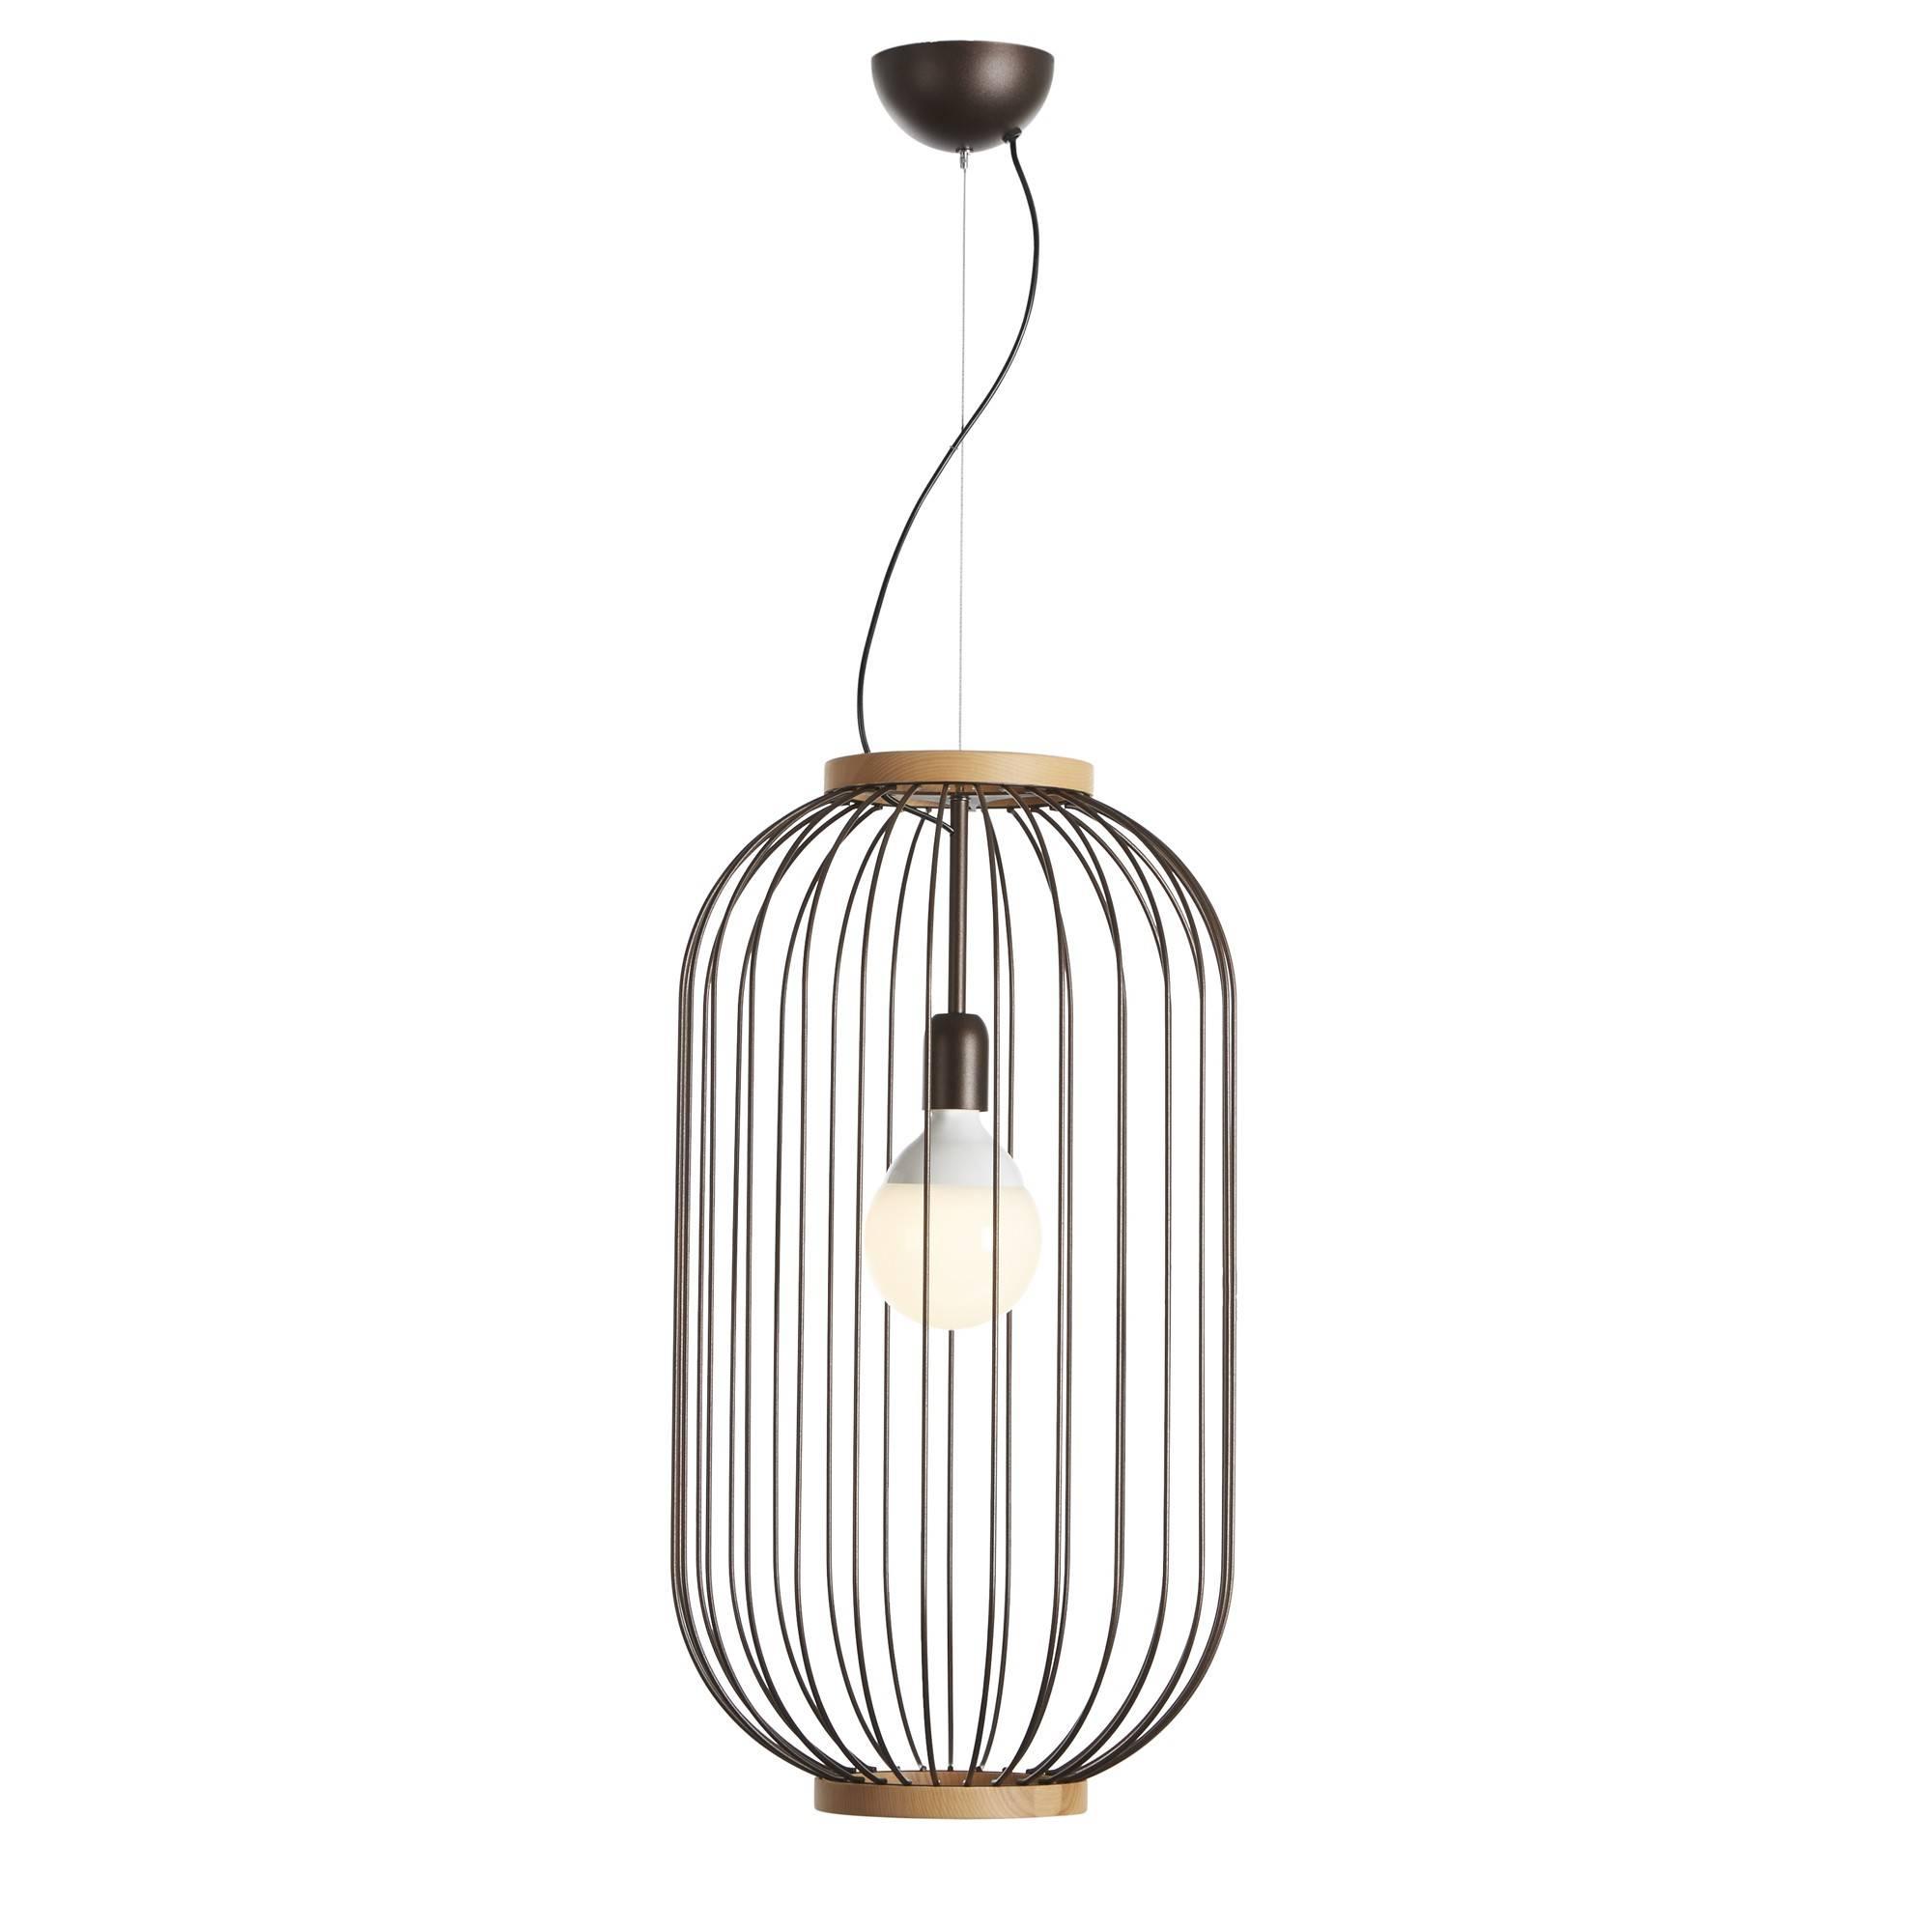 suspension chaplin hauteur 70 cm. Black Bedroom Furniture Sets. Home Design Ideas